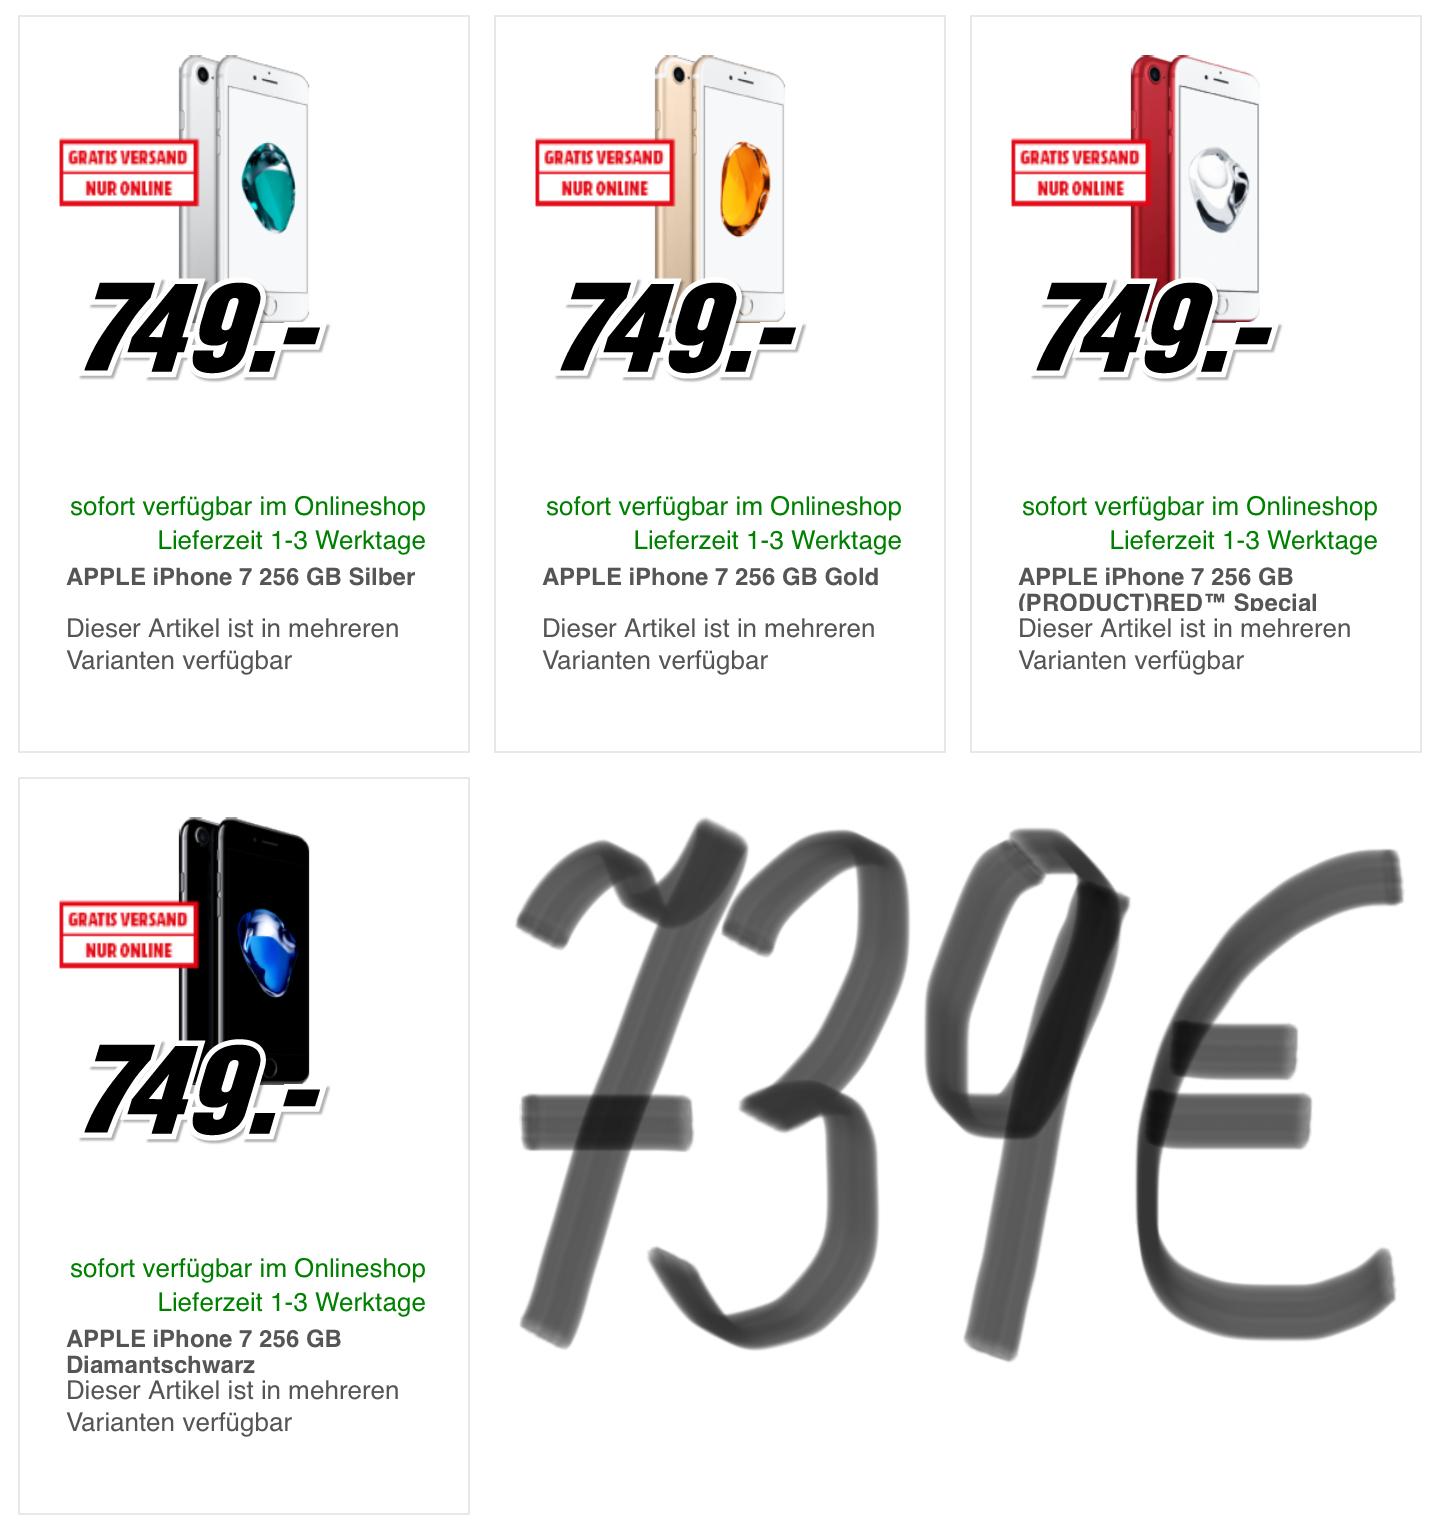 Apple iPhone 7 (256 GB) um 739 € - Bestpreis